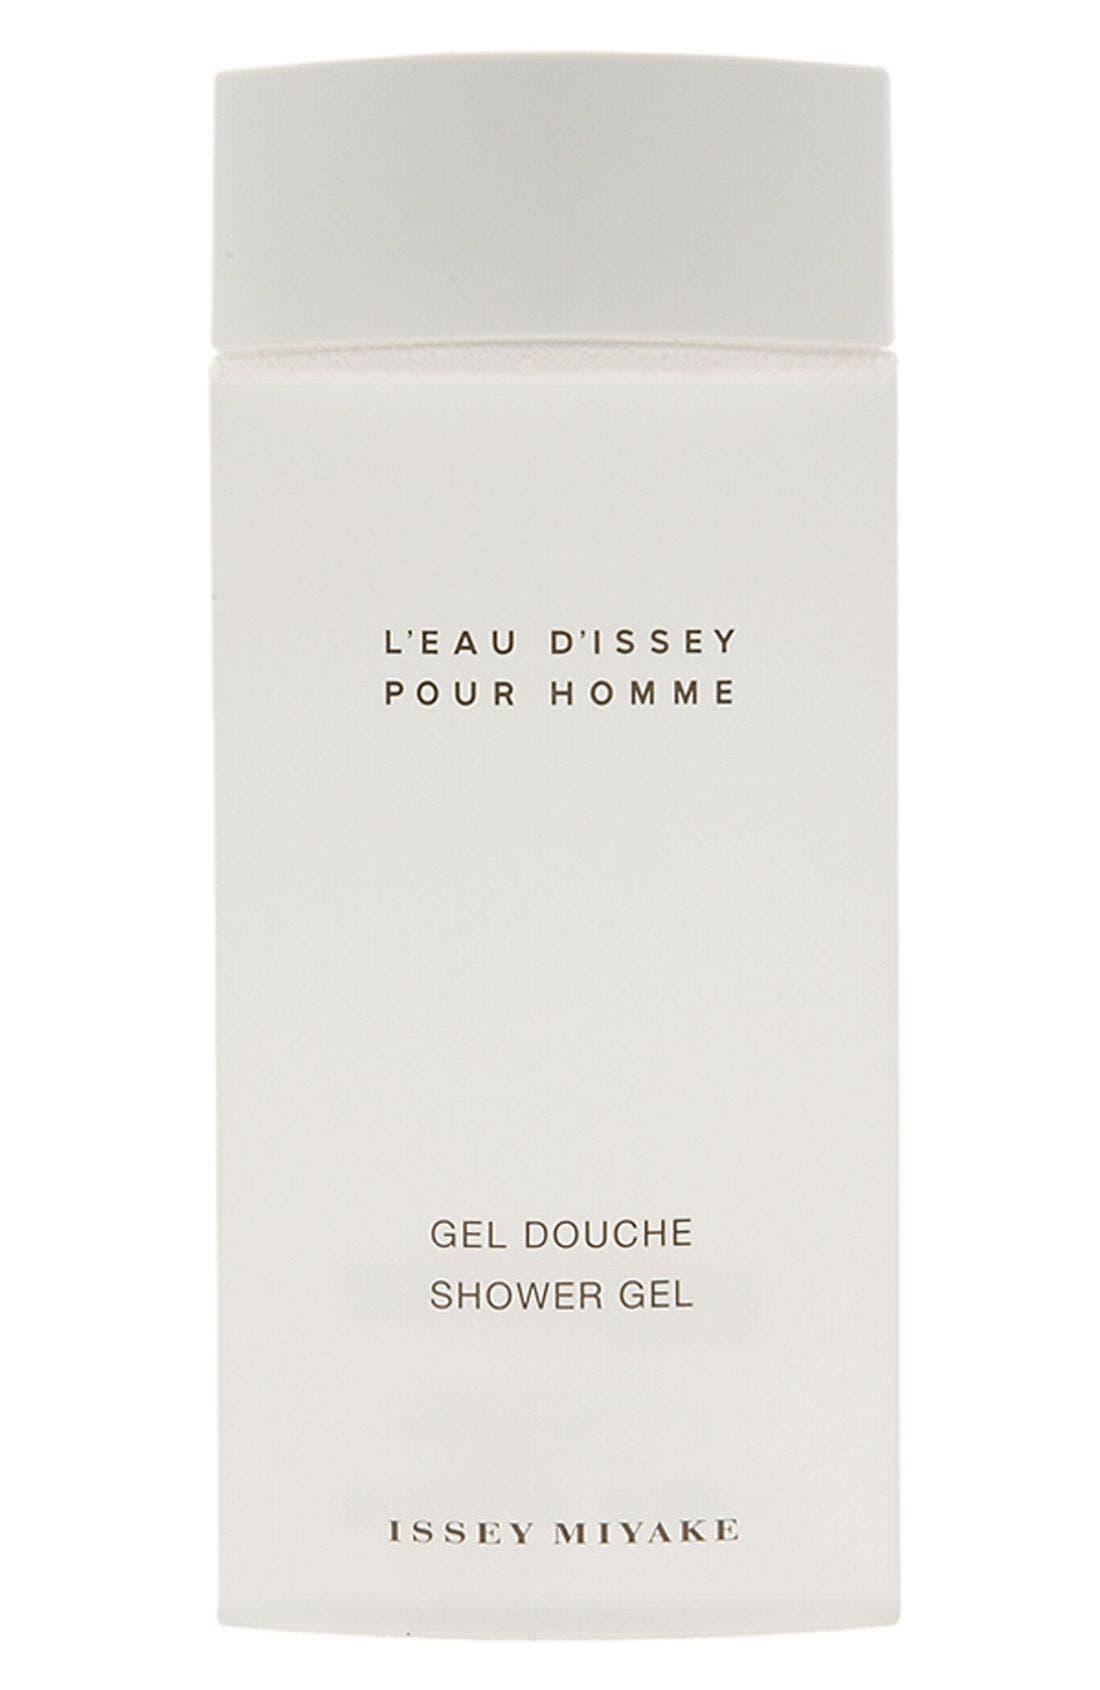 'L'Eau d'Issey pour Homme' Shower Gel,                         Main,                         color, 000